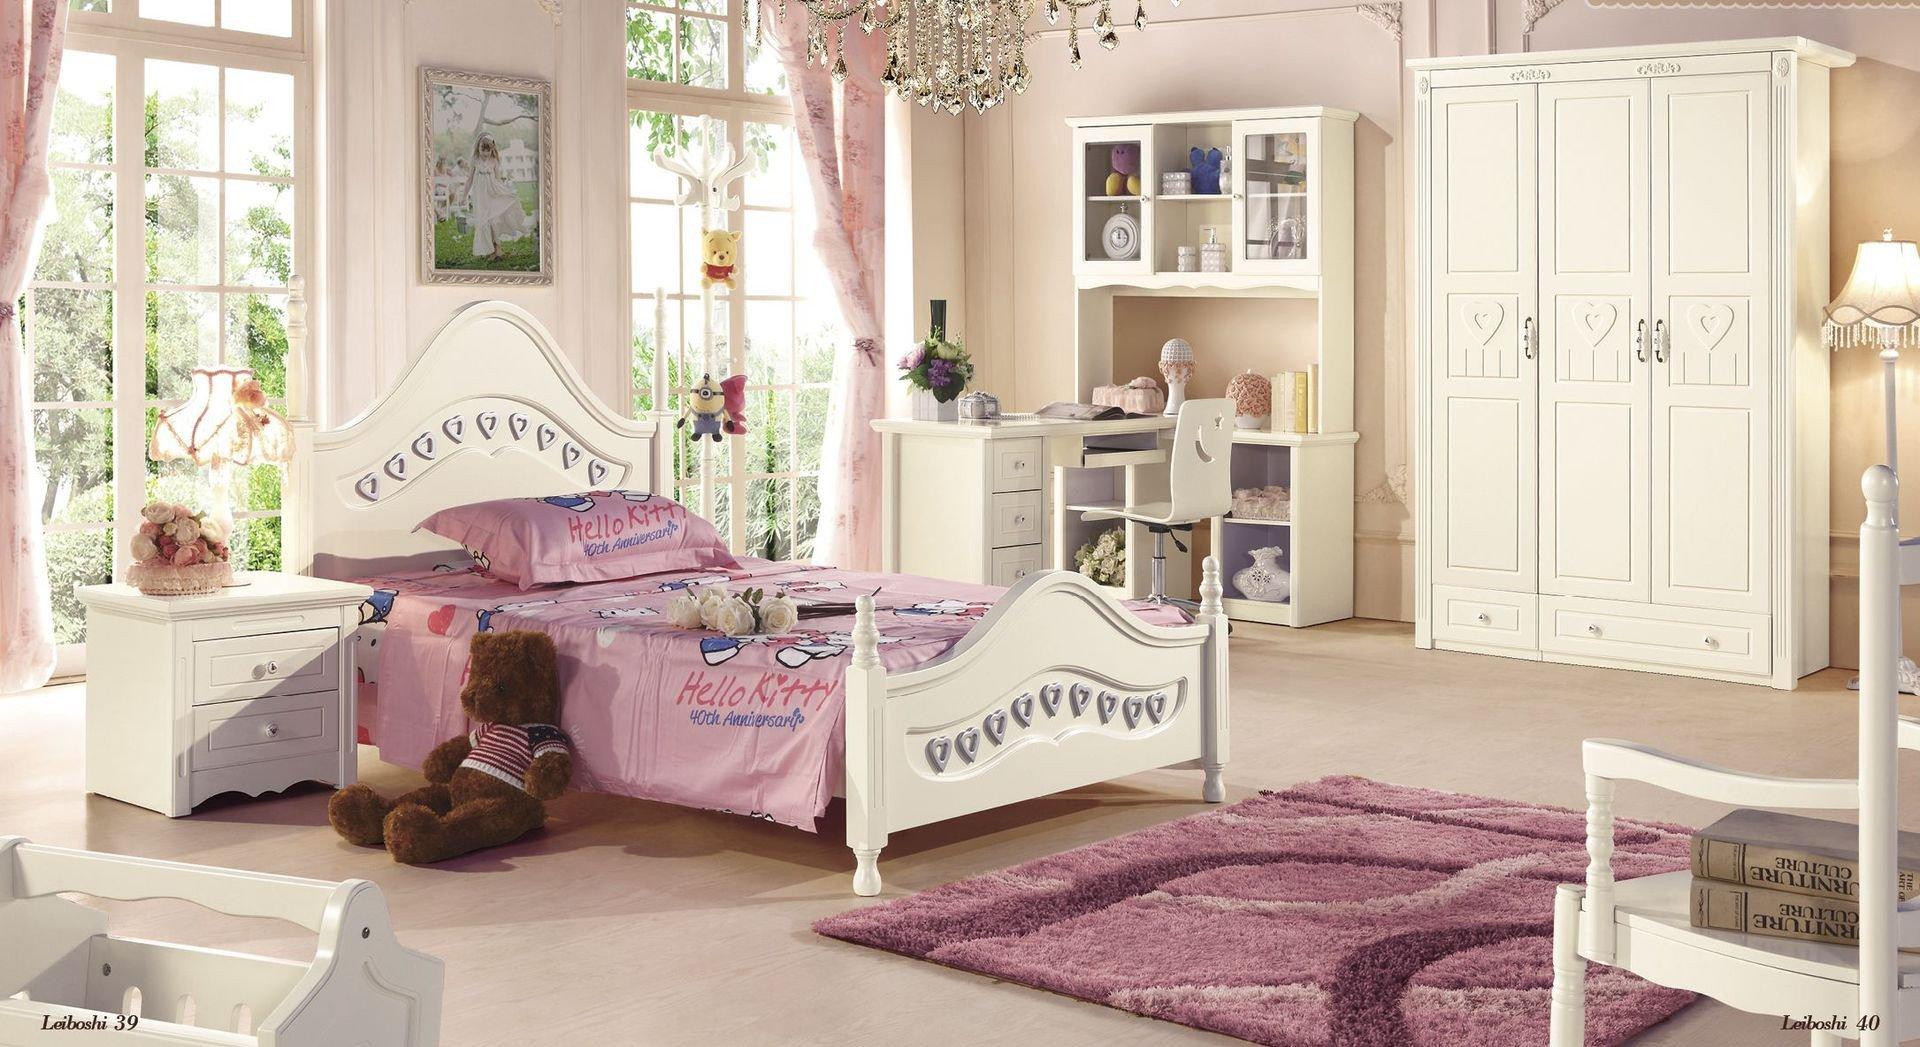 Cheap Childrens Bedroom Set Elegant solid Wood Bedroom Furniture for Kids